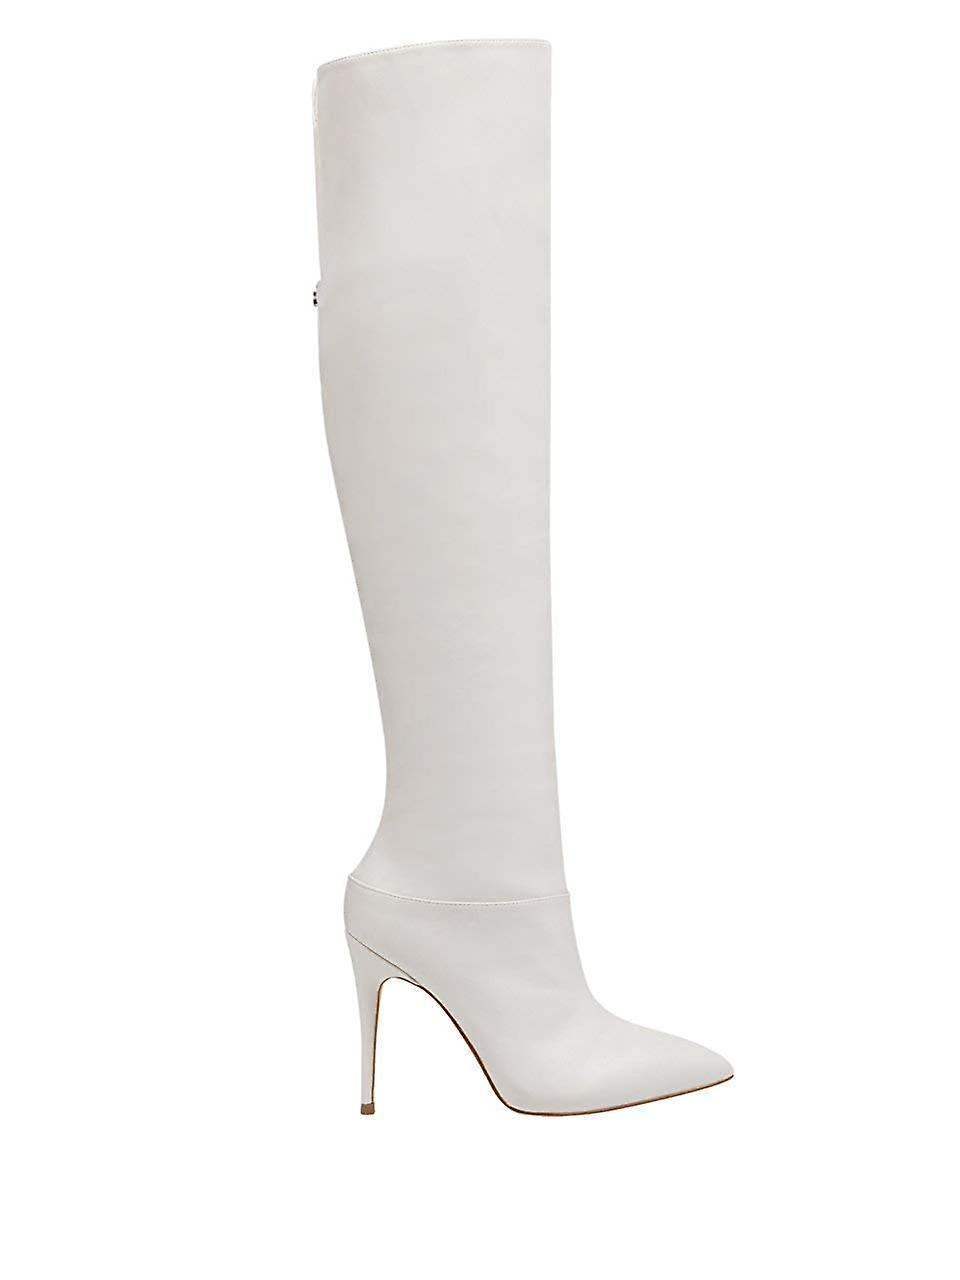 Guess Womens Orianna2 puntige teen over knie mode laarzen UKA6R9